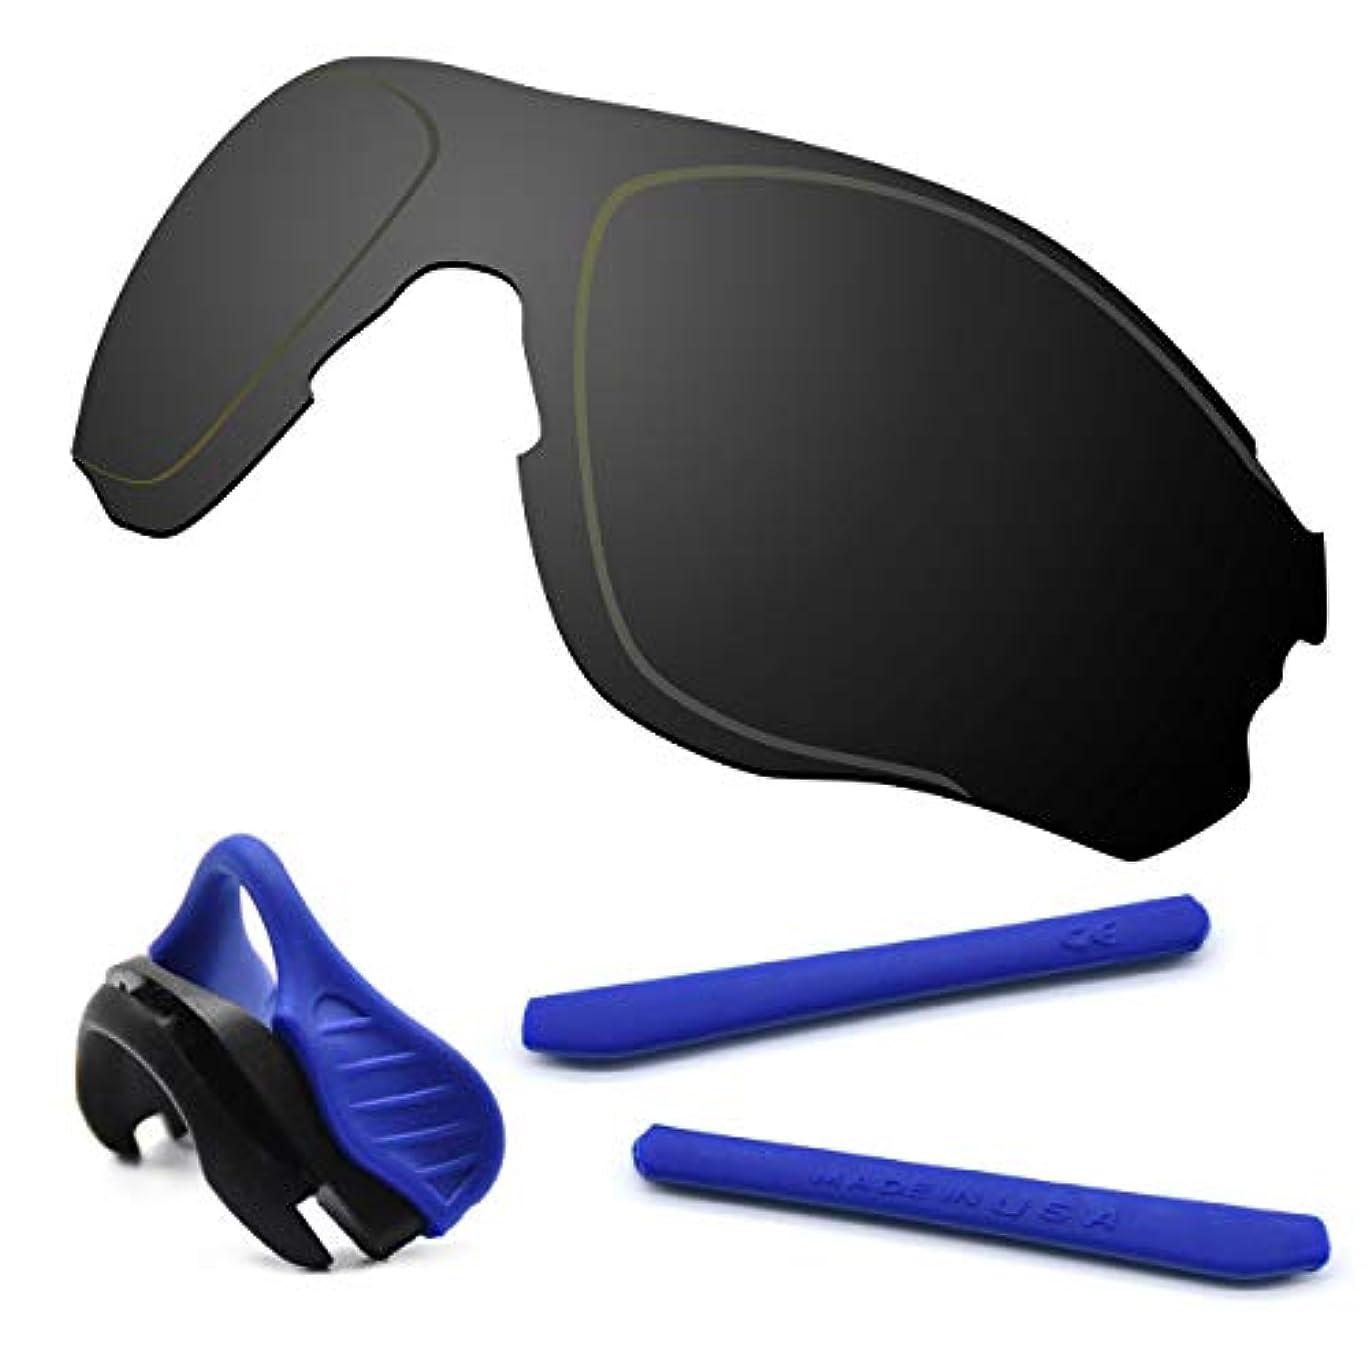 作家視線本土HKUCO 強化 にとって Oakley EVZero OO9308 ブラック 偏光 交換レンズ ブルー ラバーキット と鼻パッド